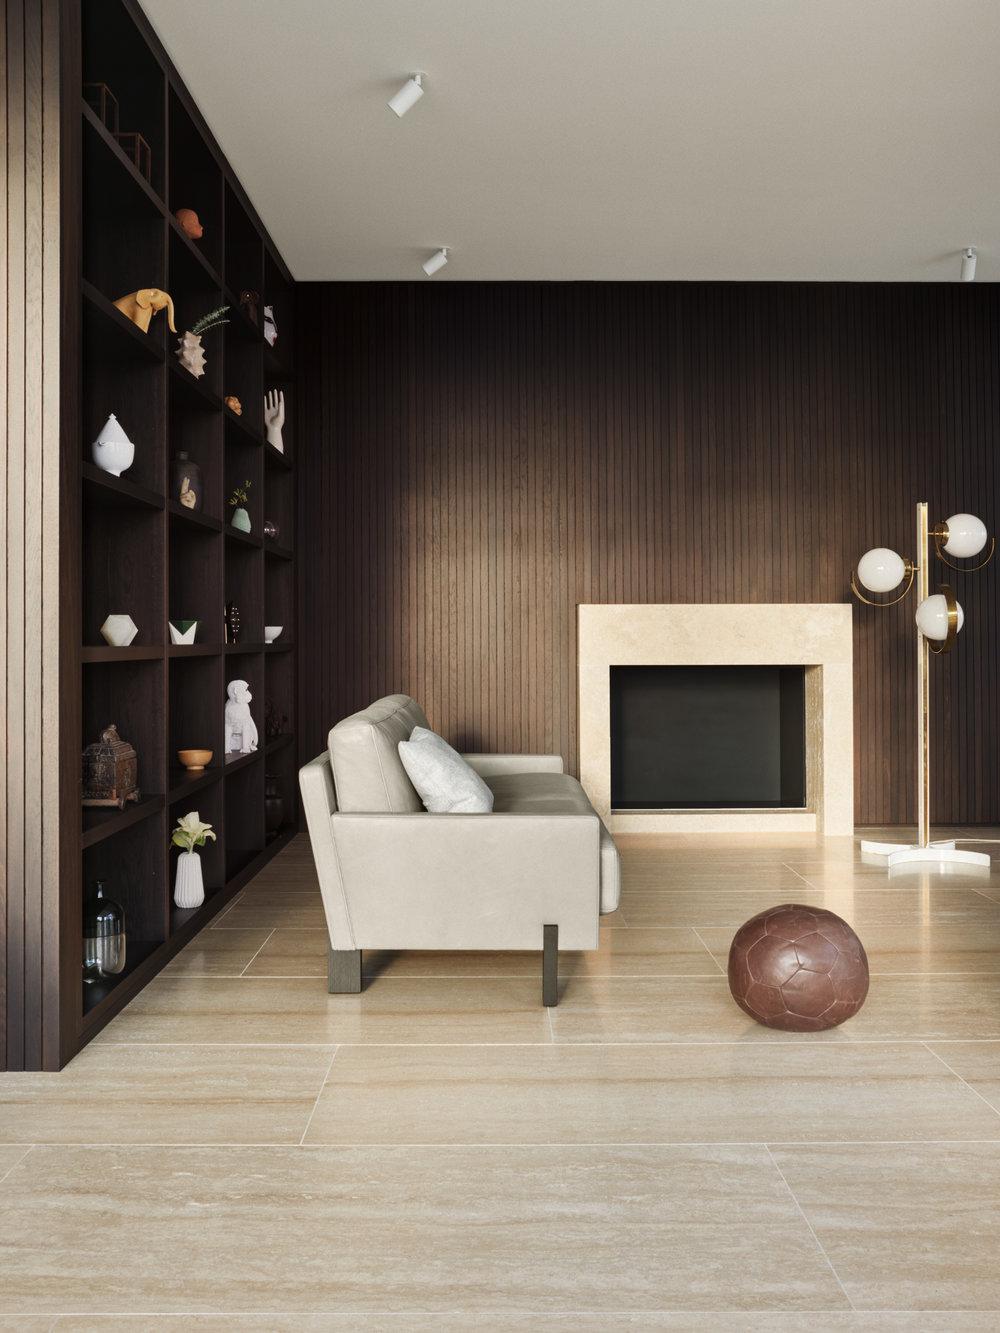 de Sede DS-77 - Designer Stephan Hürlemann hat mit dem Modell DS-77 eine altvertraute Sofa-Typologie in die Gegenwart geholt. DS-77 ist eine komplette Familie, die als einladender Sessel, klassisches Sofa oder als Loungesofa in Erscheinung tritt, wahlweise mit kurzer oder ausladender Sitztiefe. Die nachvollziehbare Architektur und die modernen Proportionen prägen beim DS-77 den Ausdruck souveräner Gelassenheit.